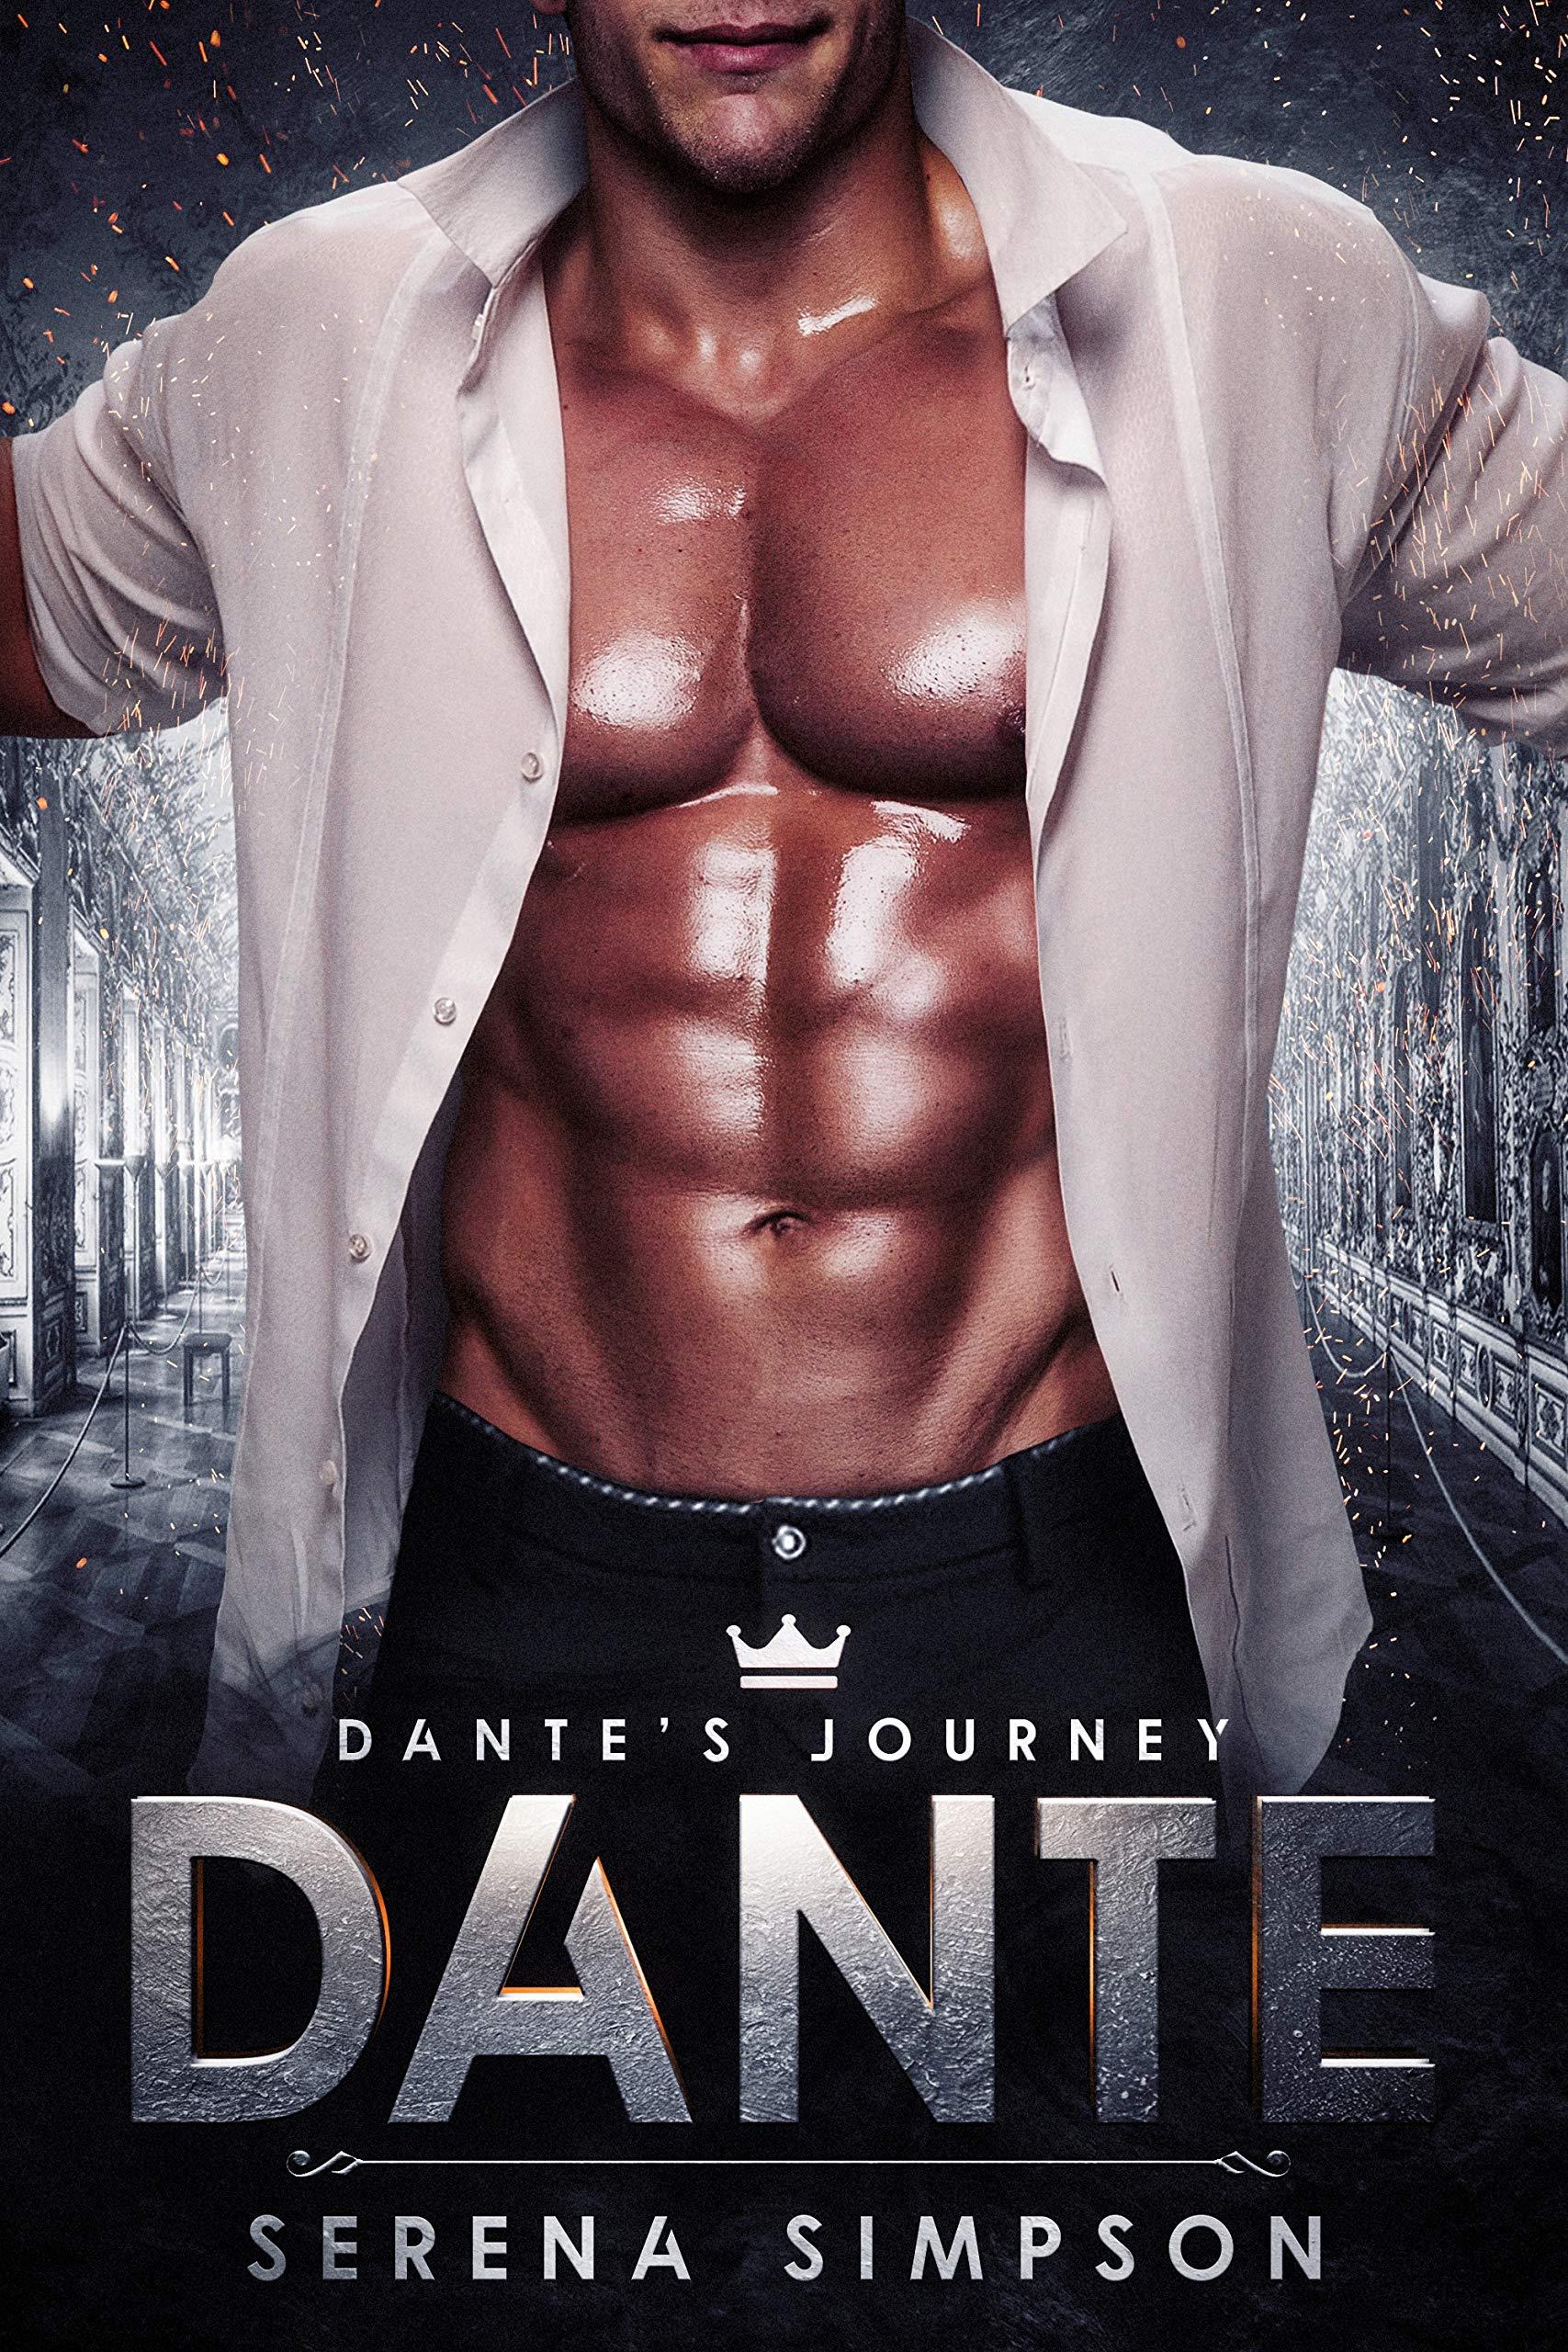 Dante: Dante's Journey